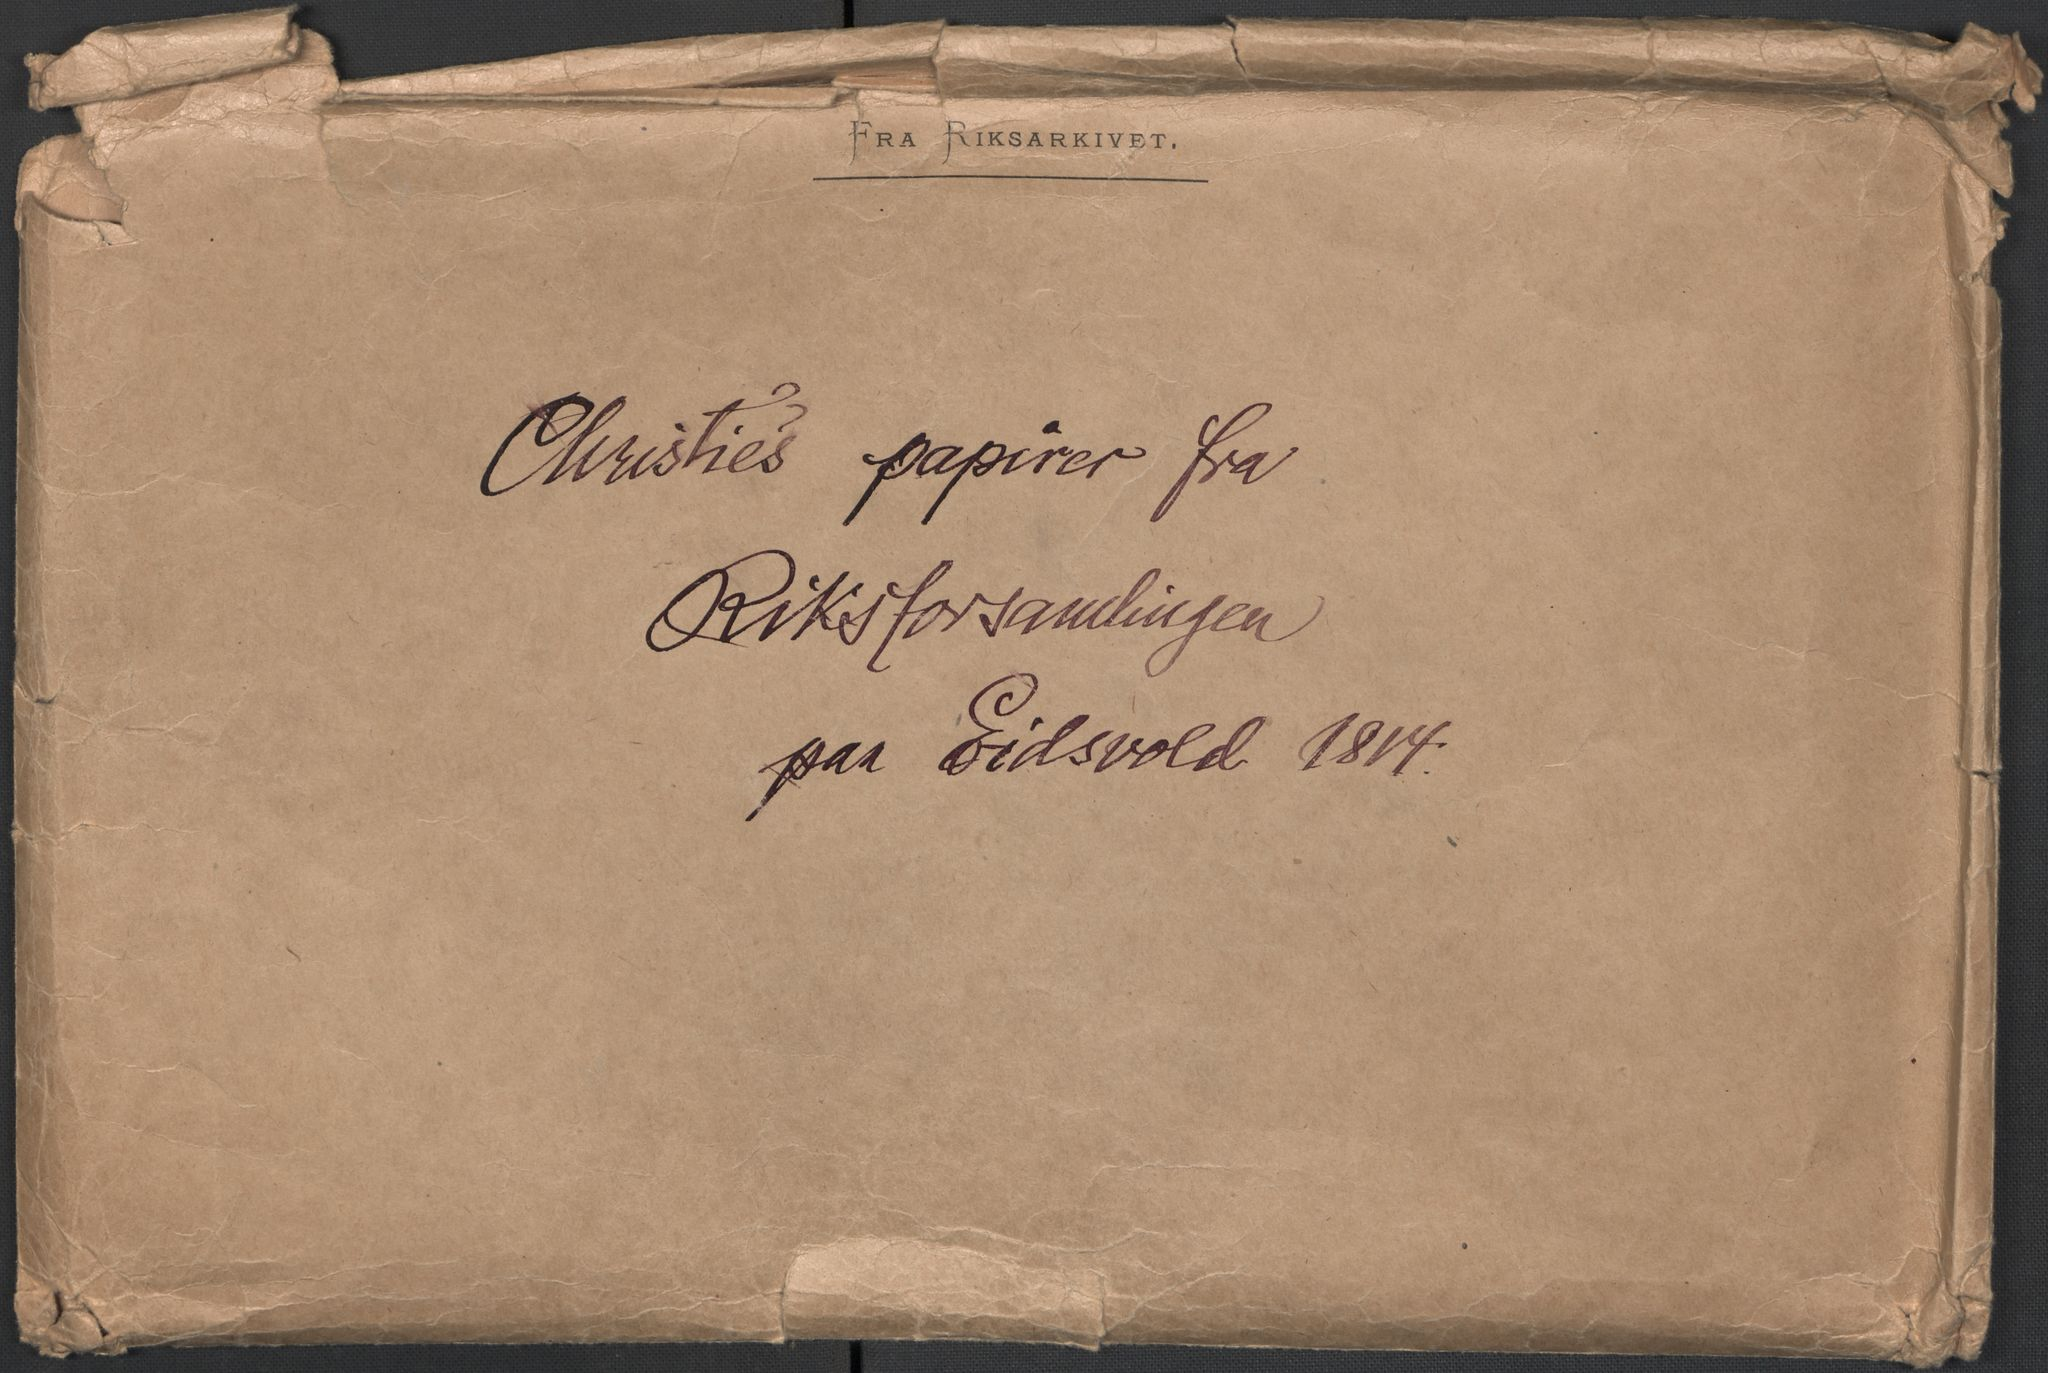 RA, Christie, Wilhelm Frimann Koren, F/L0004, 1814, s. 5